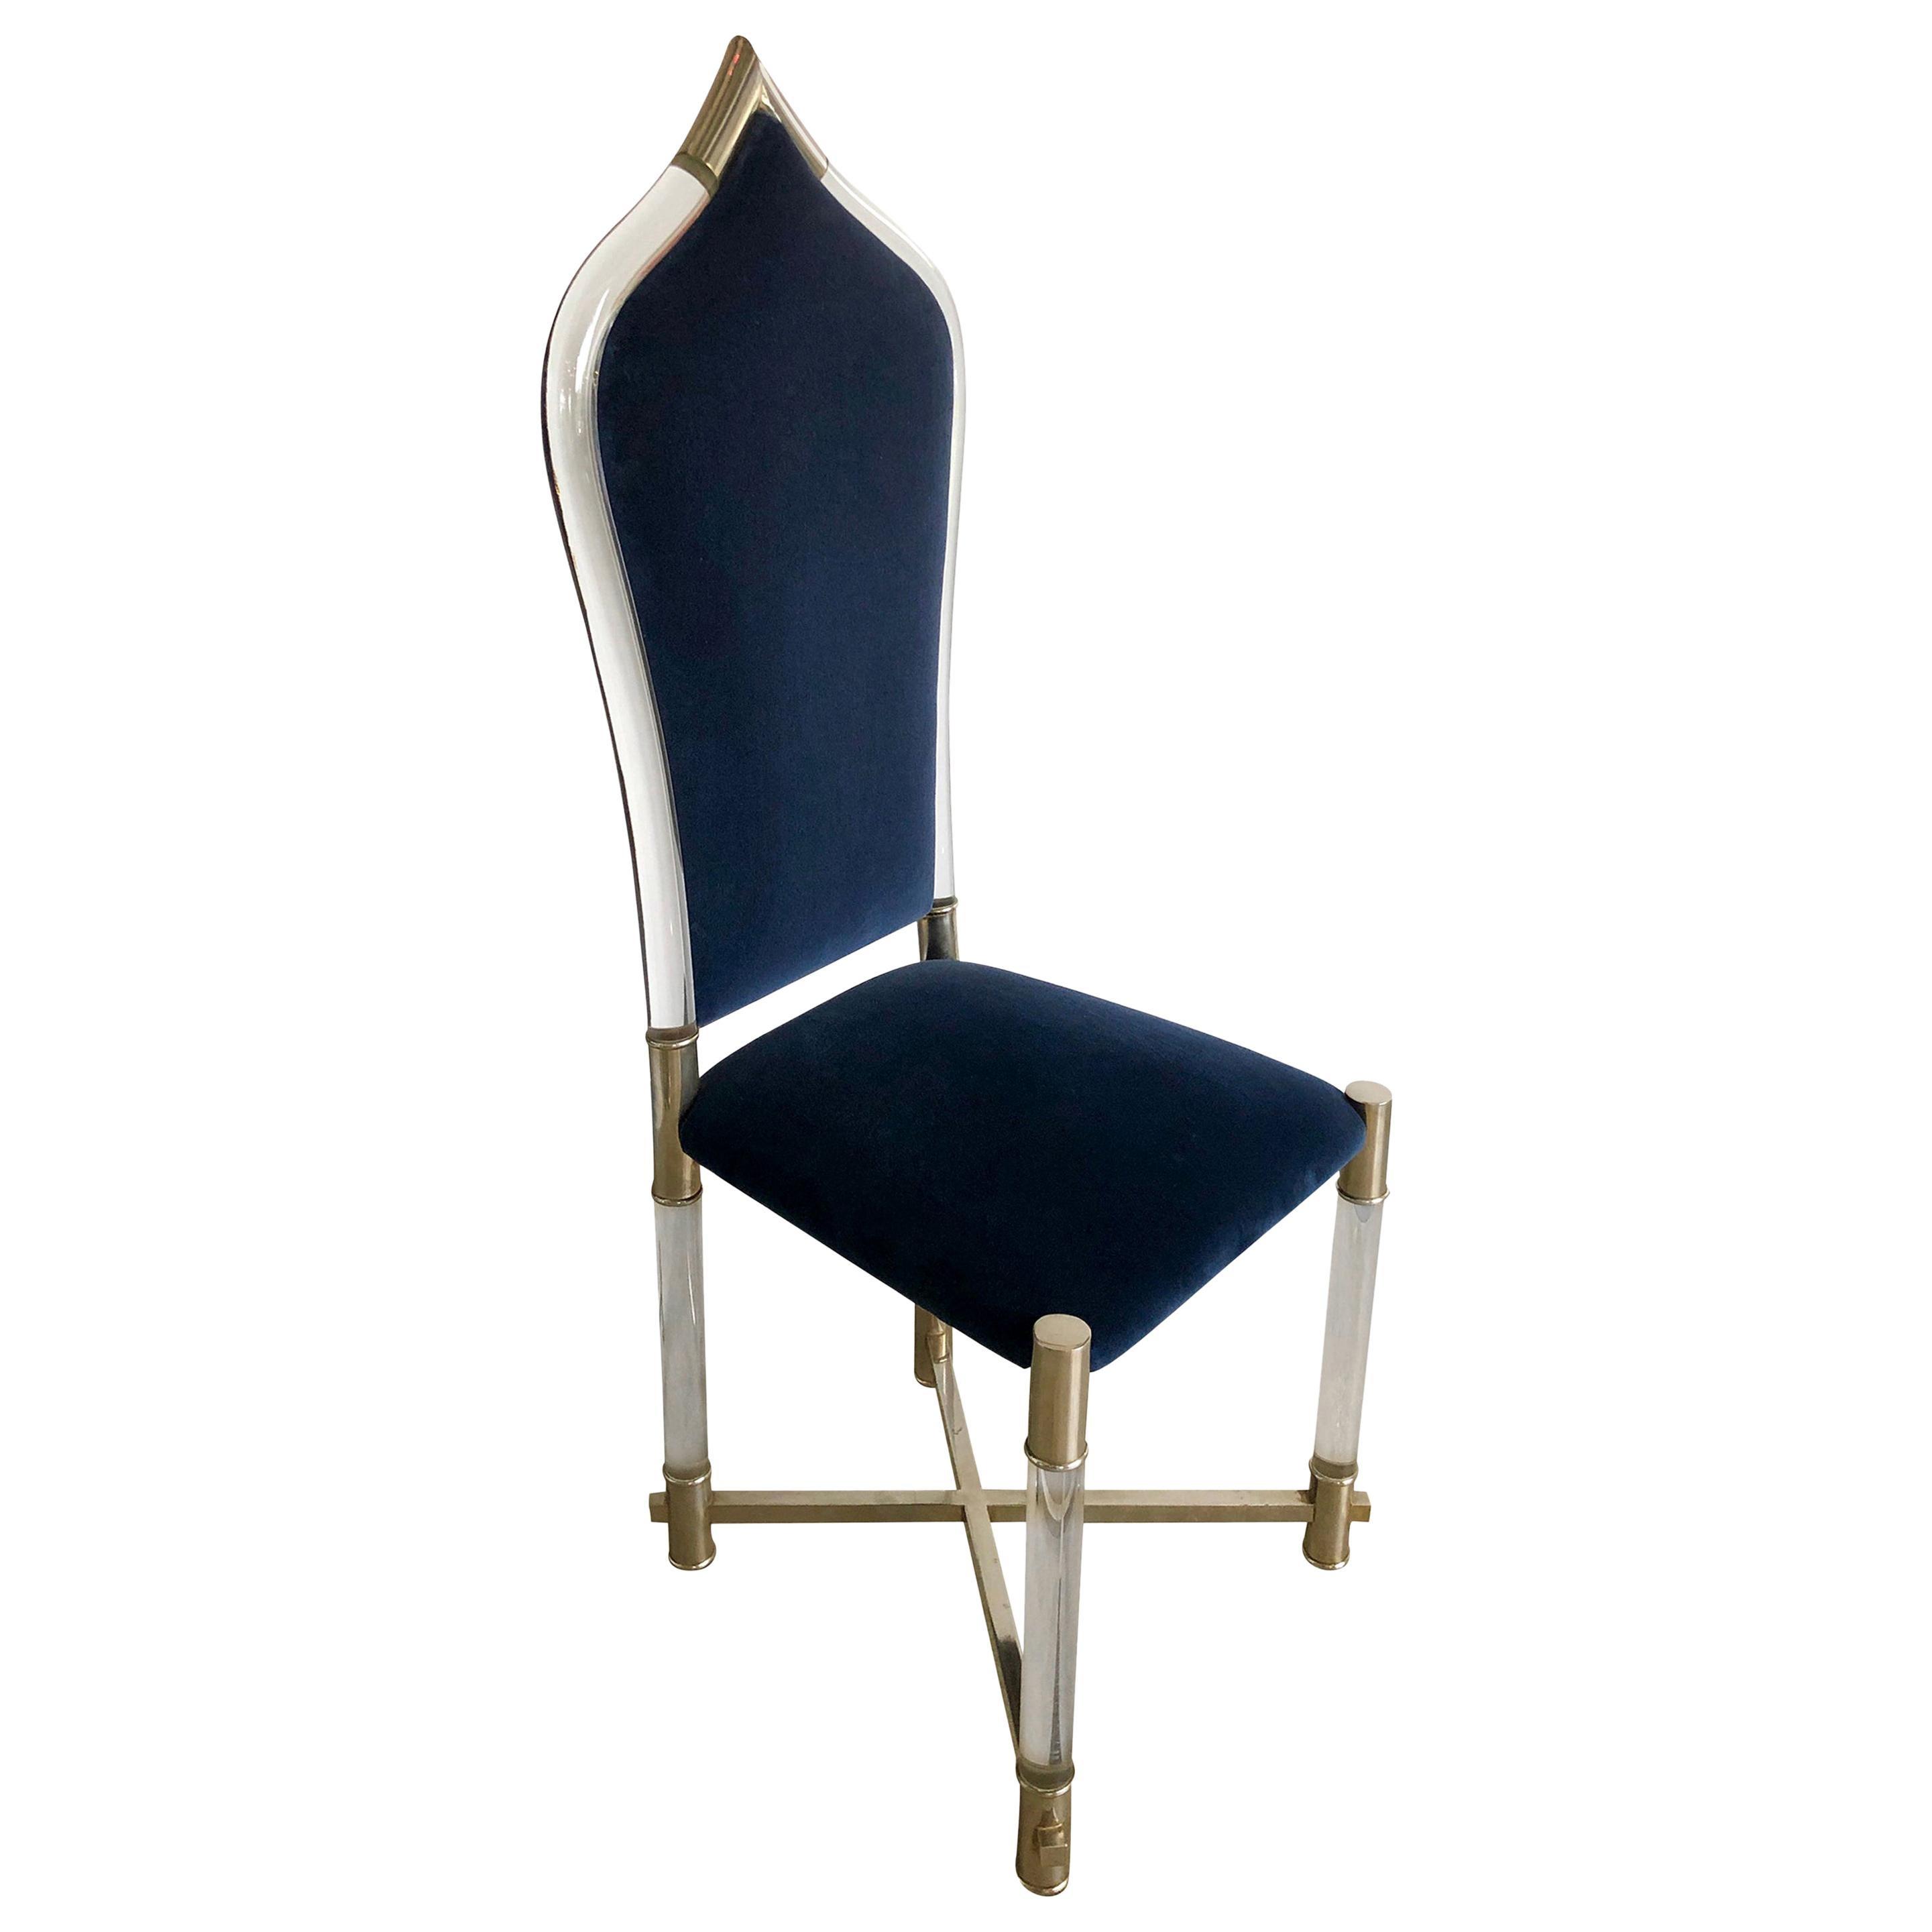 Antonio Pavia Lucite Frame w/ Stainless Steel & New Blue Velvet High Back Chair